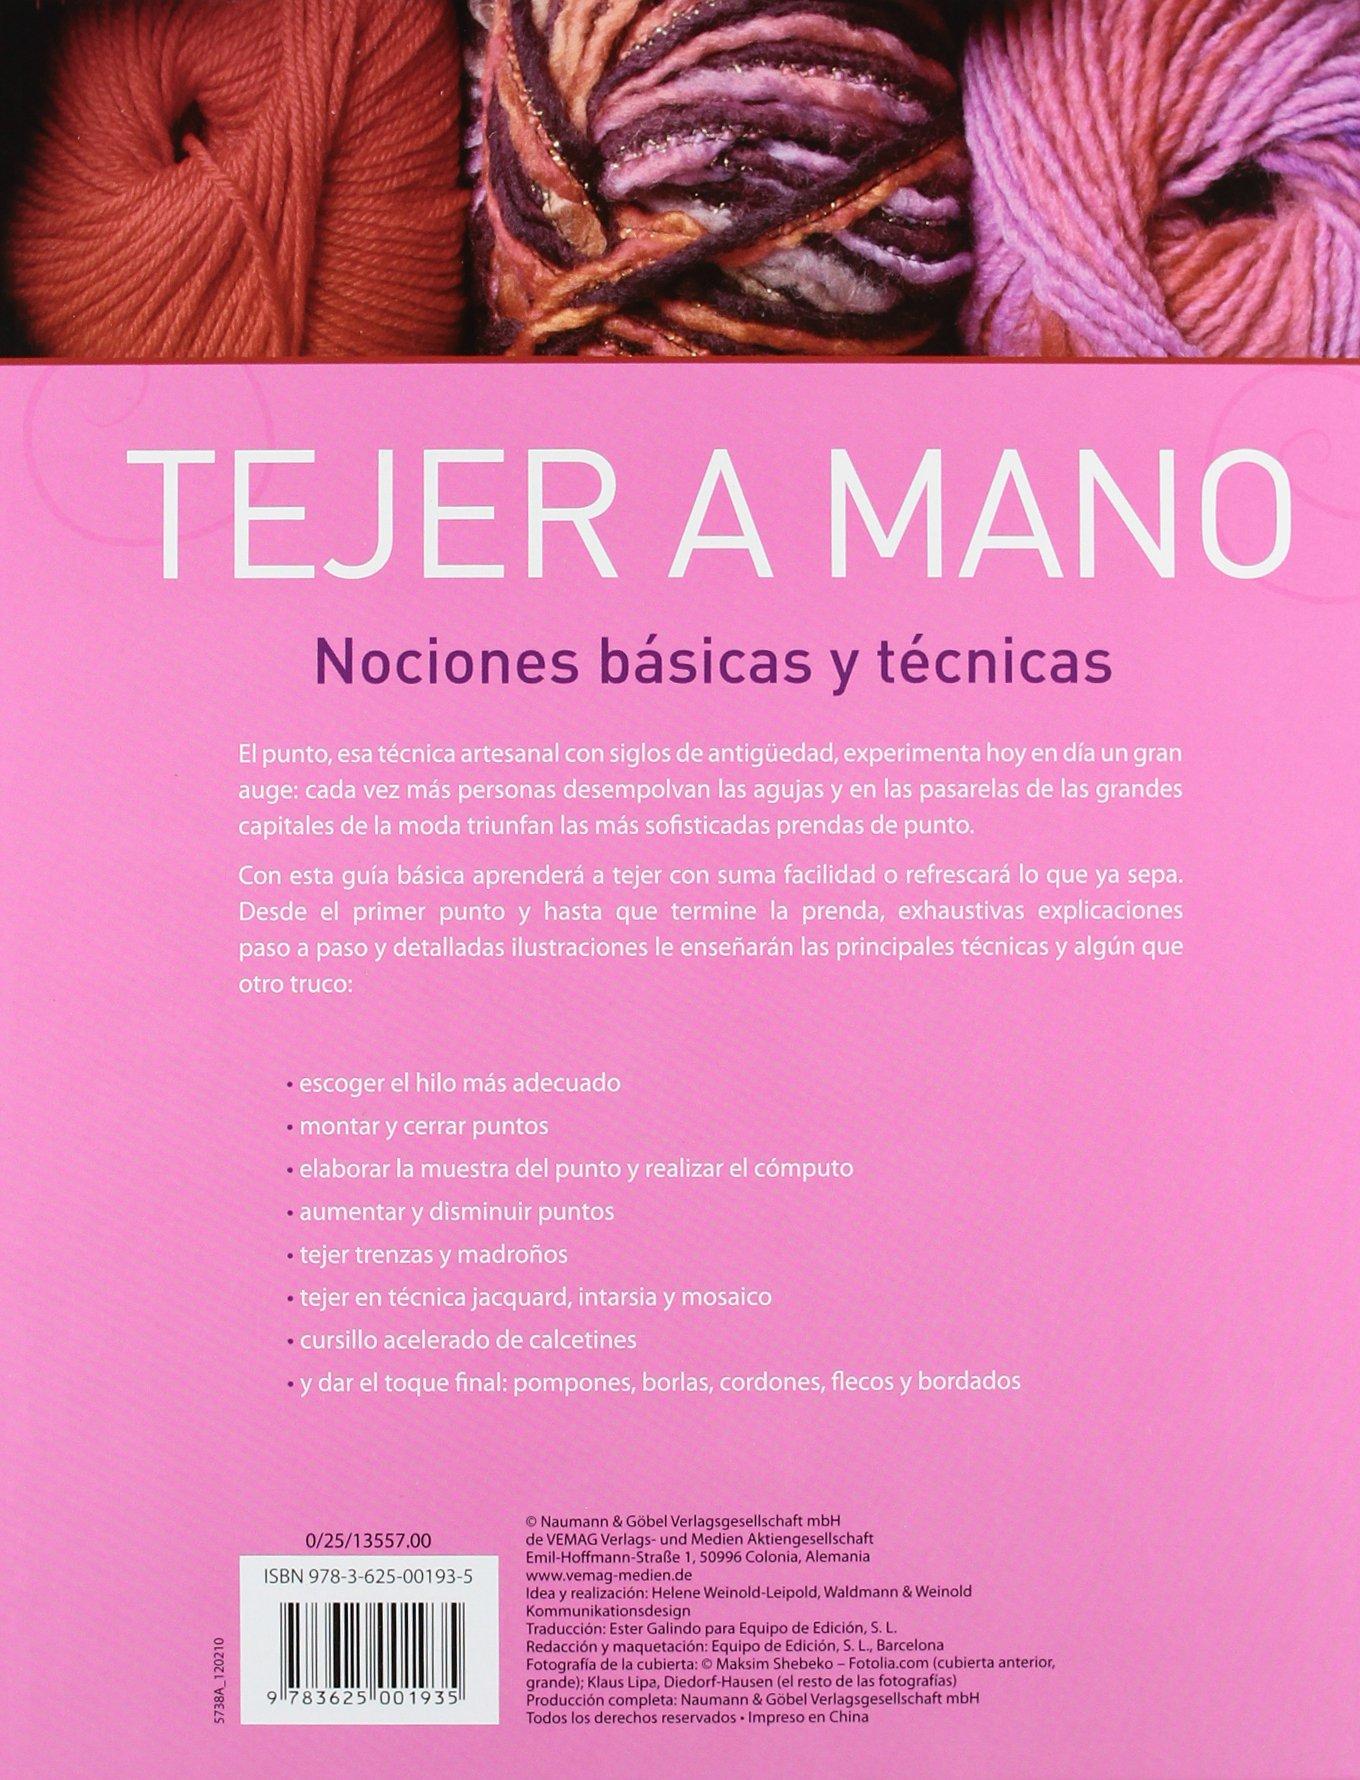 Tejer A Mano: Nociones Basicas Y Tecnicas: Varios: 9783625001935: Amazon.com: Books